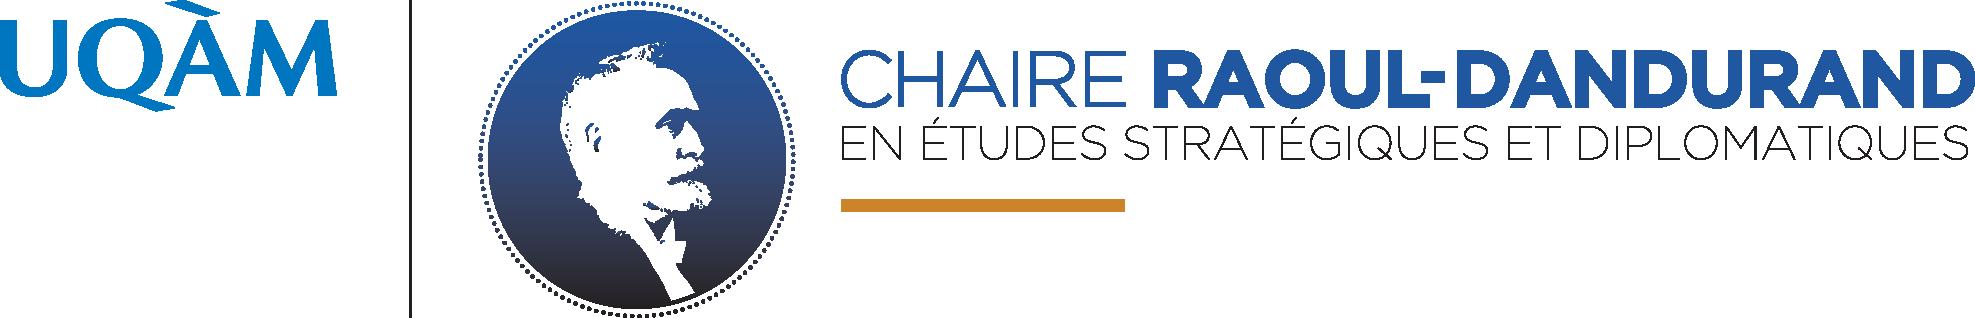 ChaireRaoulDandurant_fr_cmyk.png